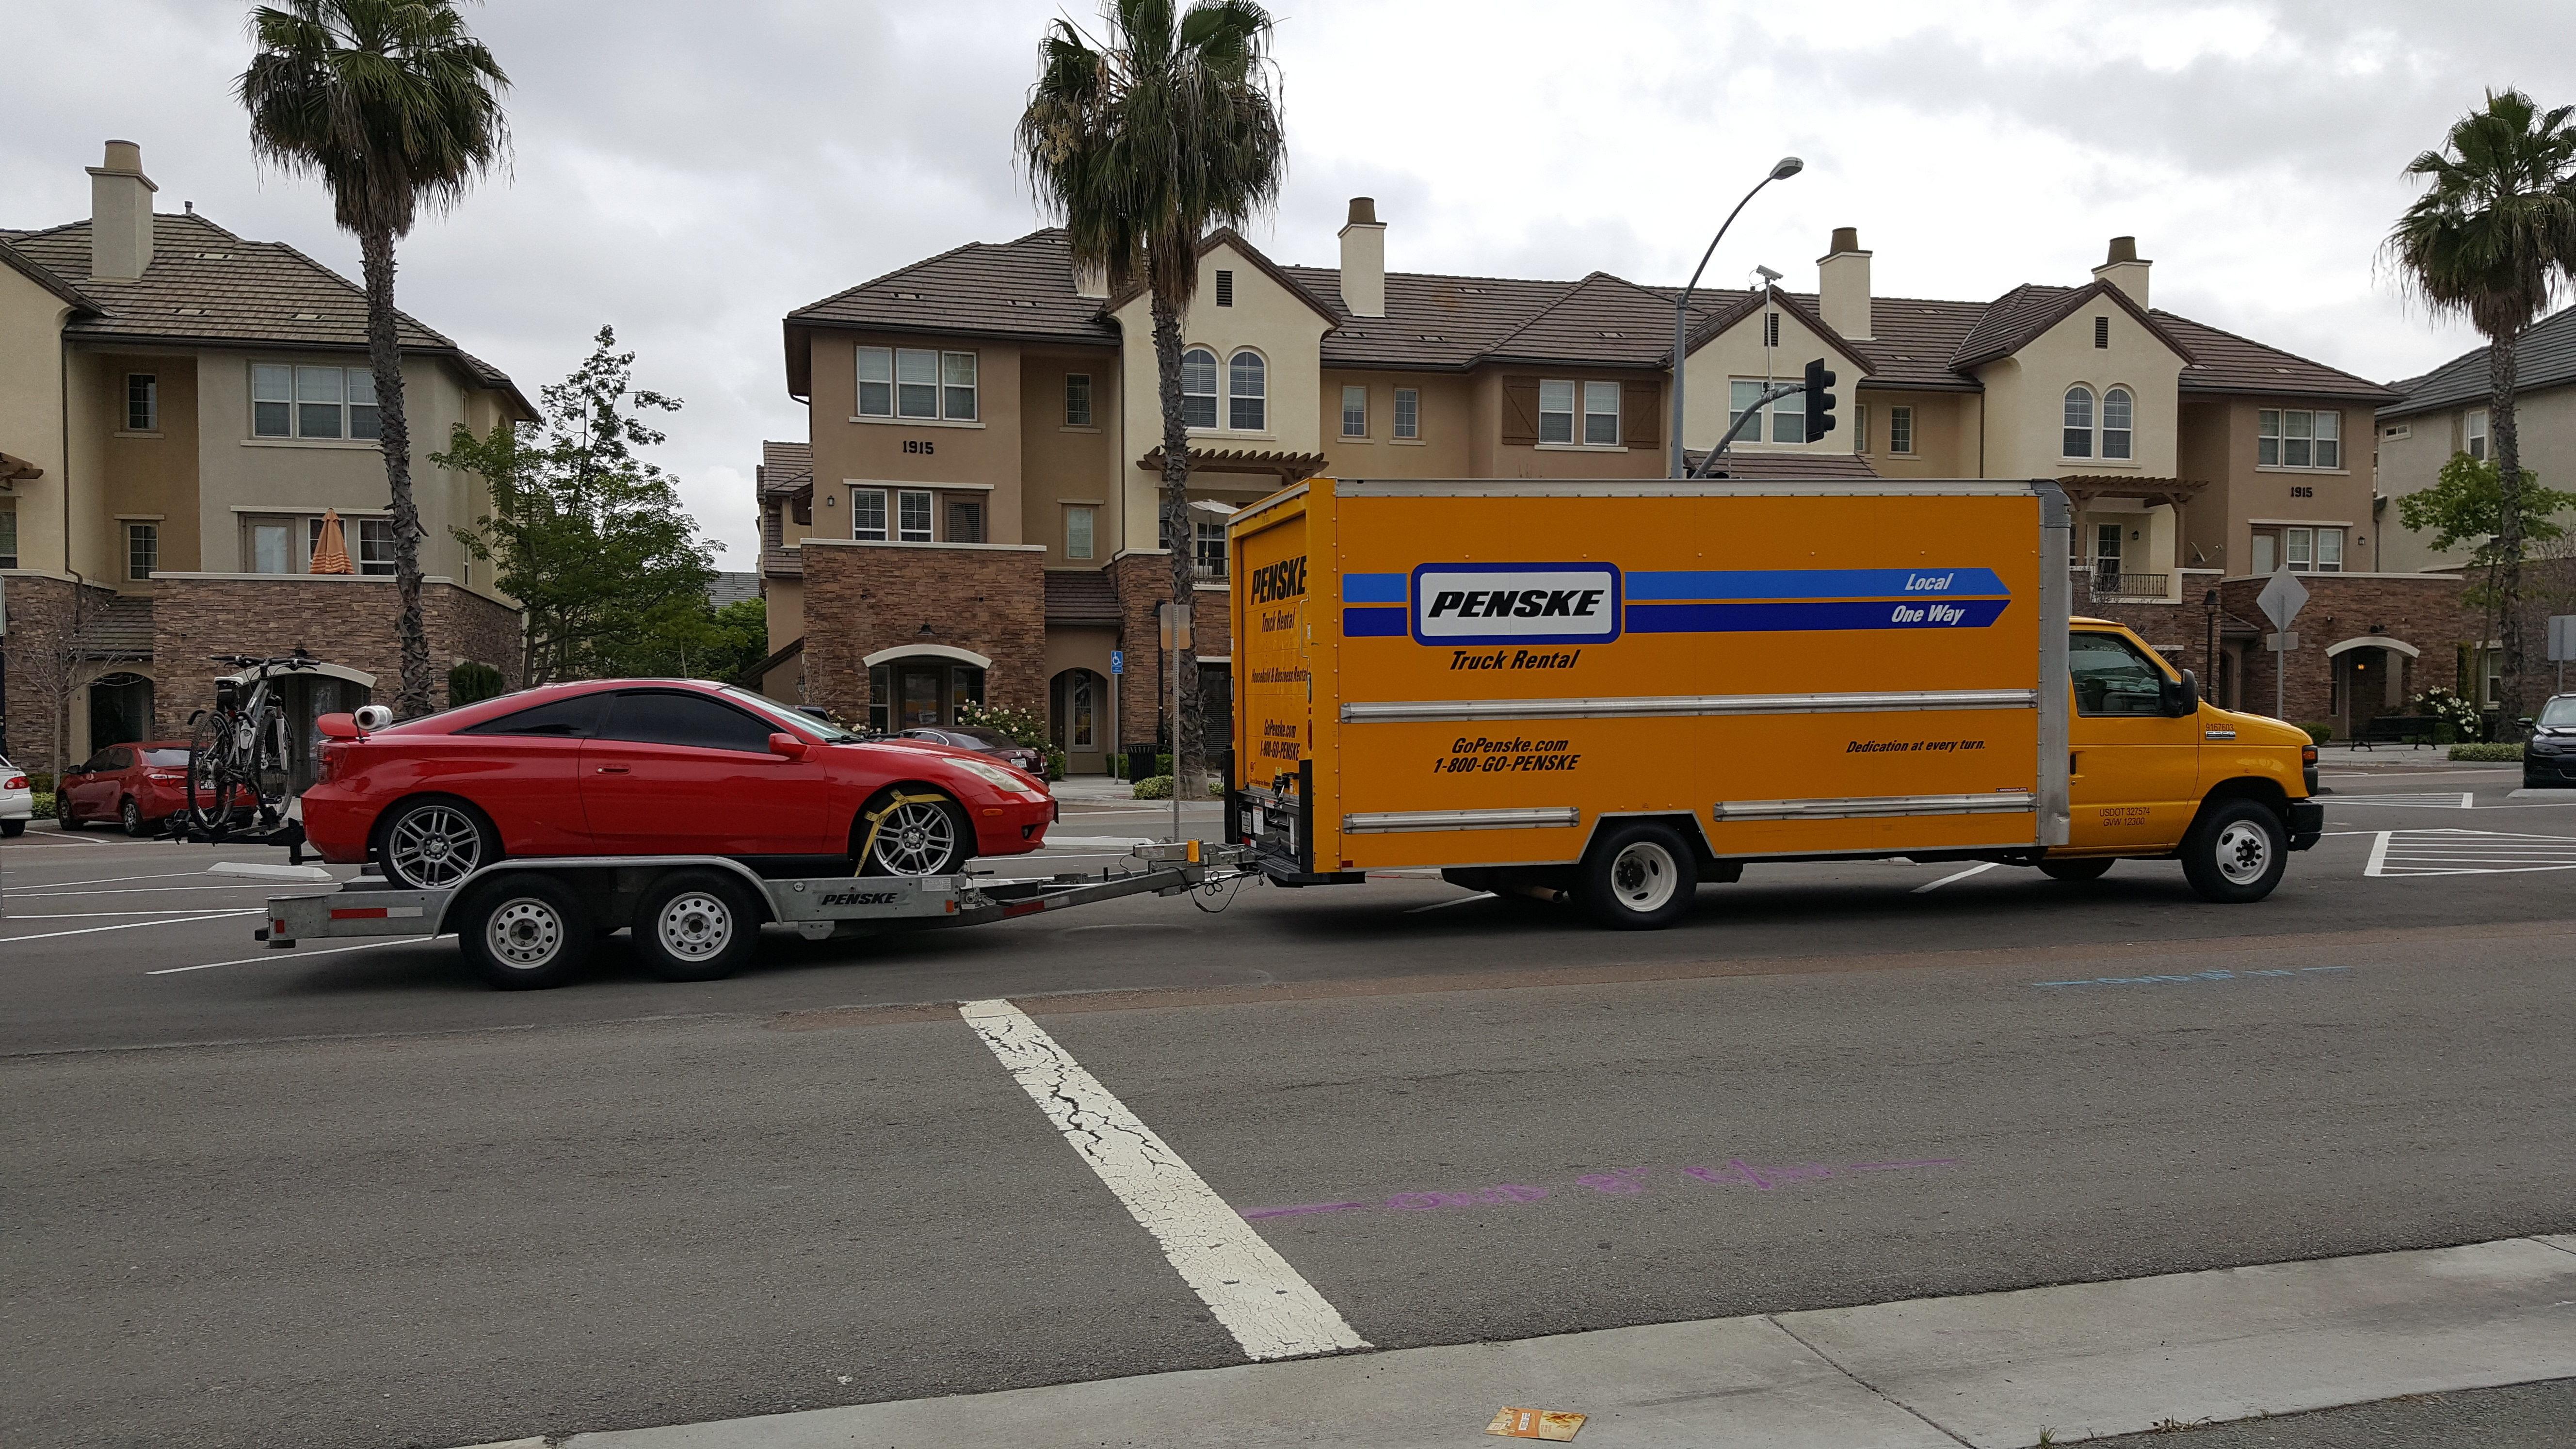 Penske Near Me >> Top 127 Complaints and Reviews about Penske Truck Rental